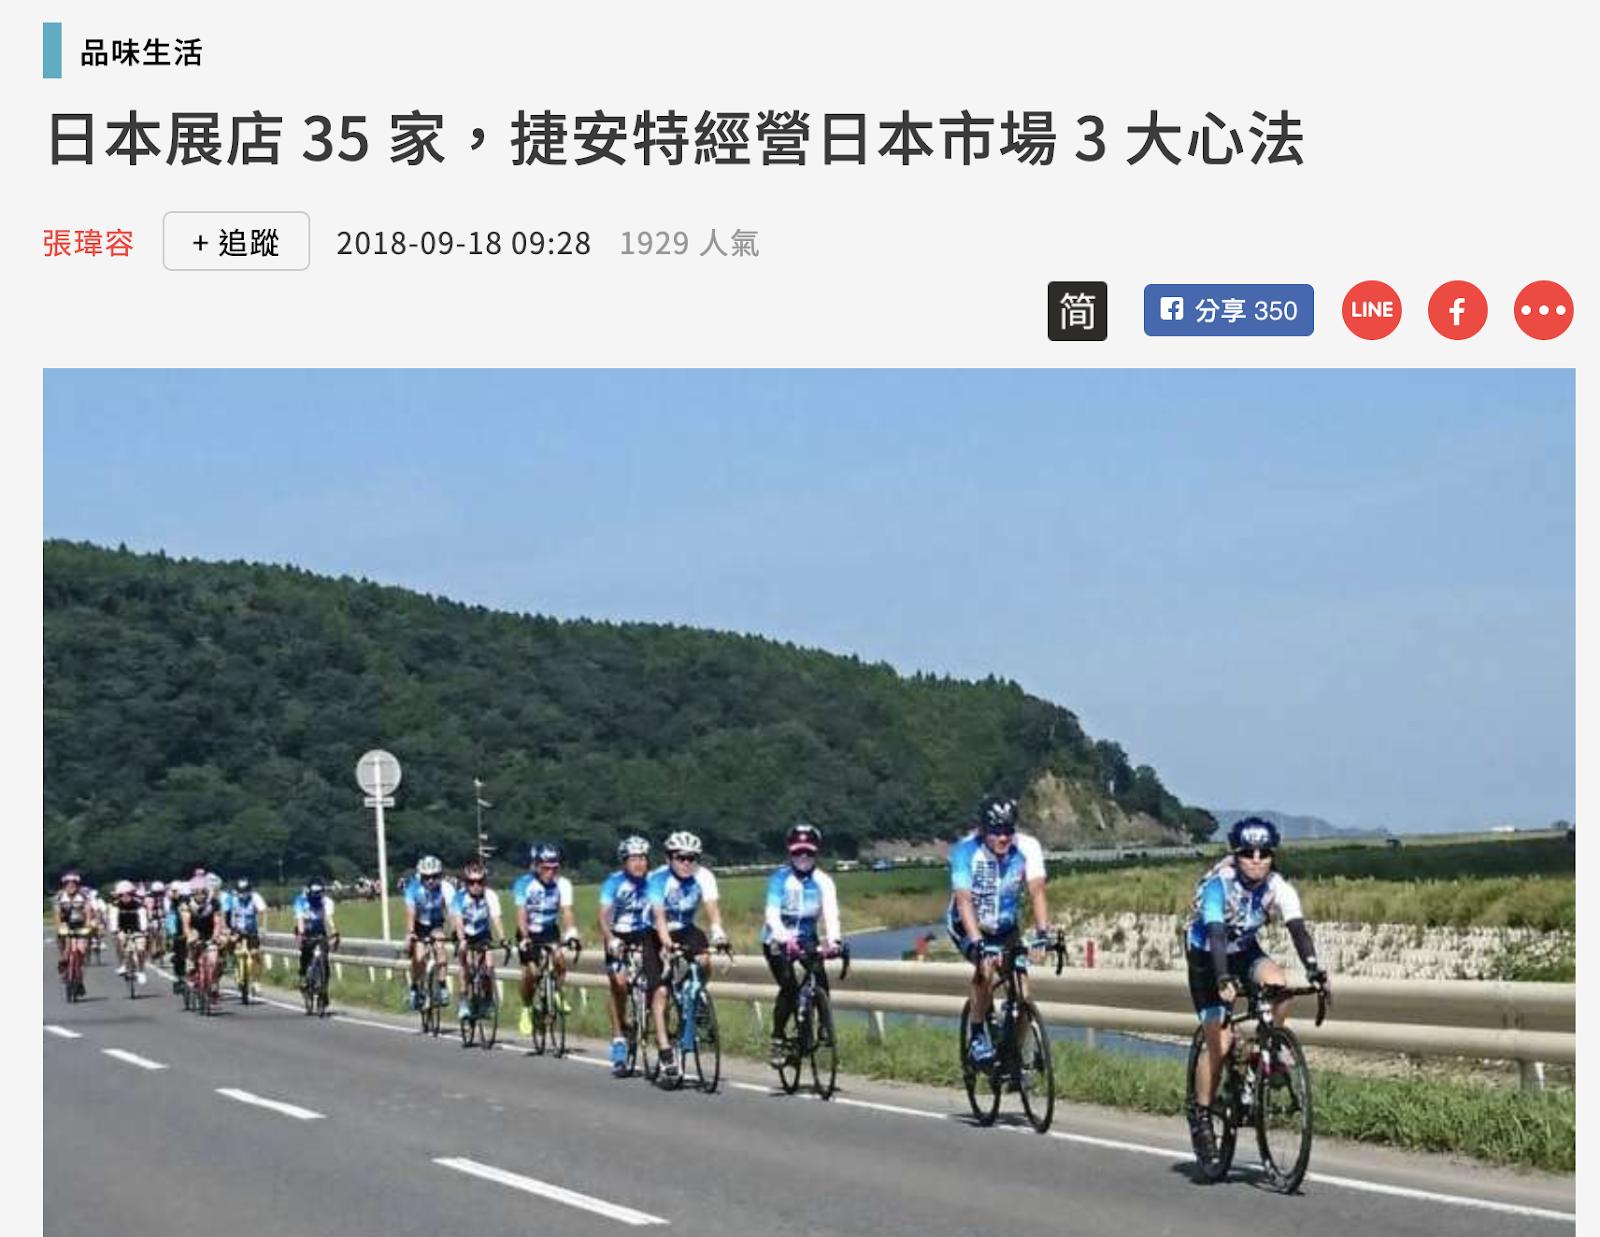 捷安特「2018 環日本東北自行車賽」報導。(來源:捷安特)